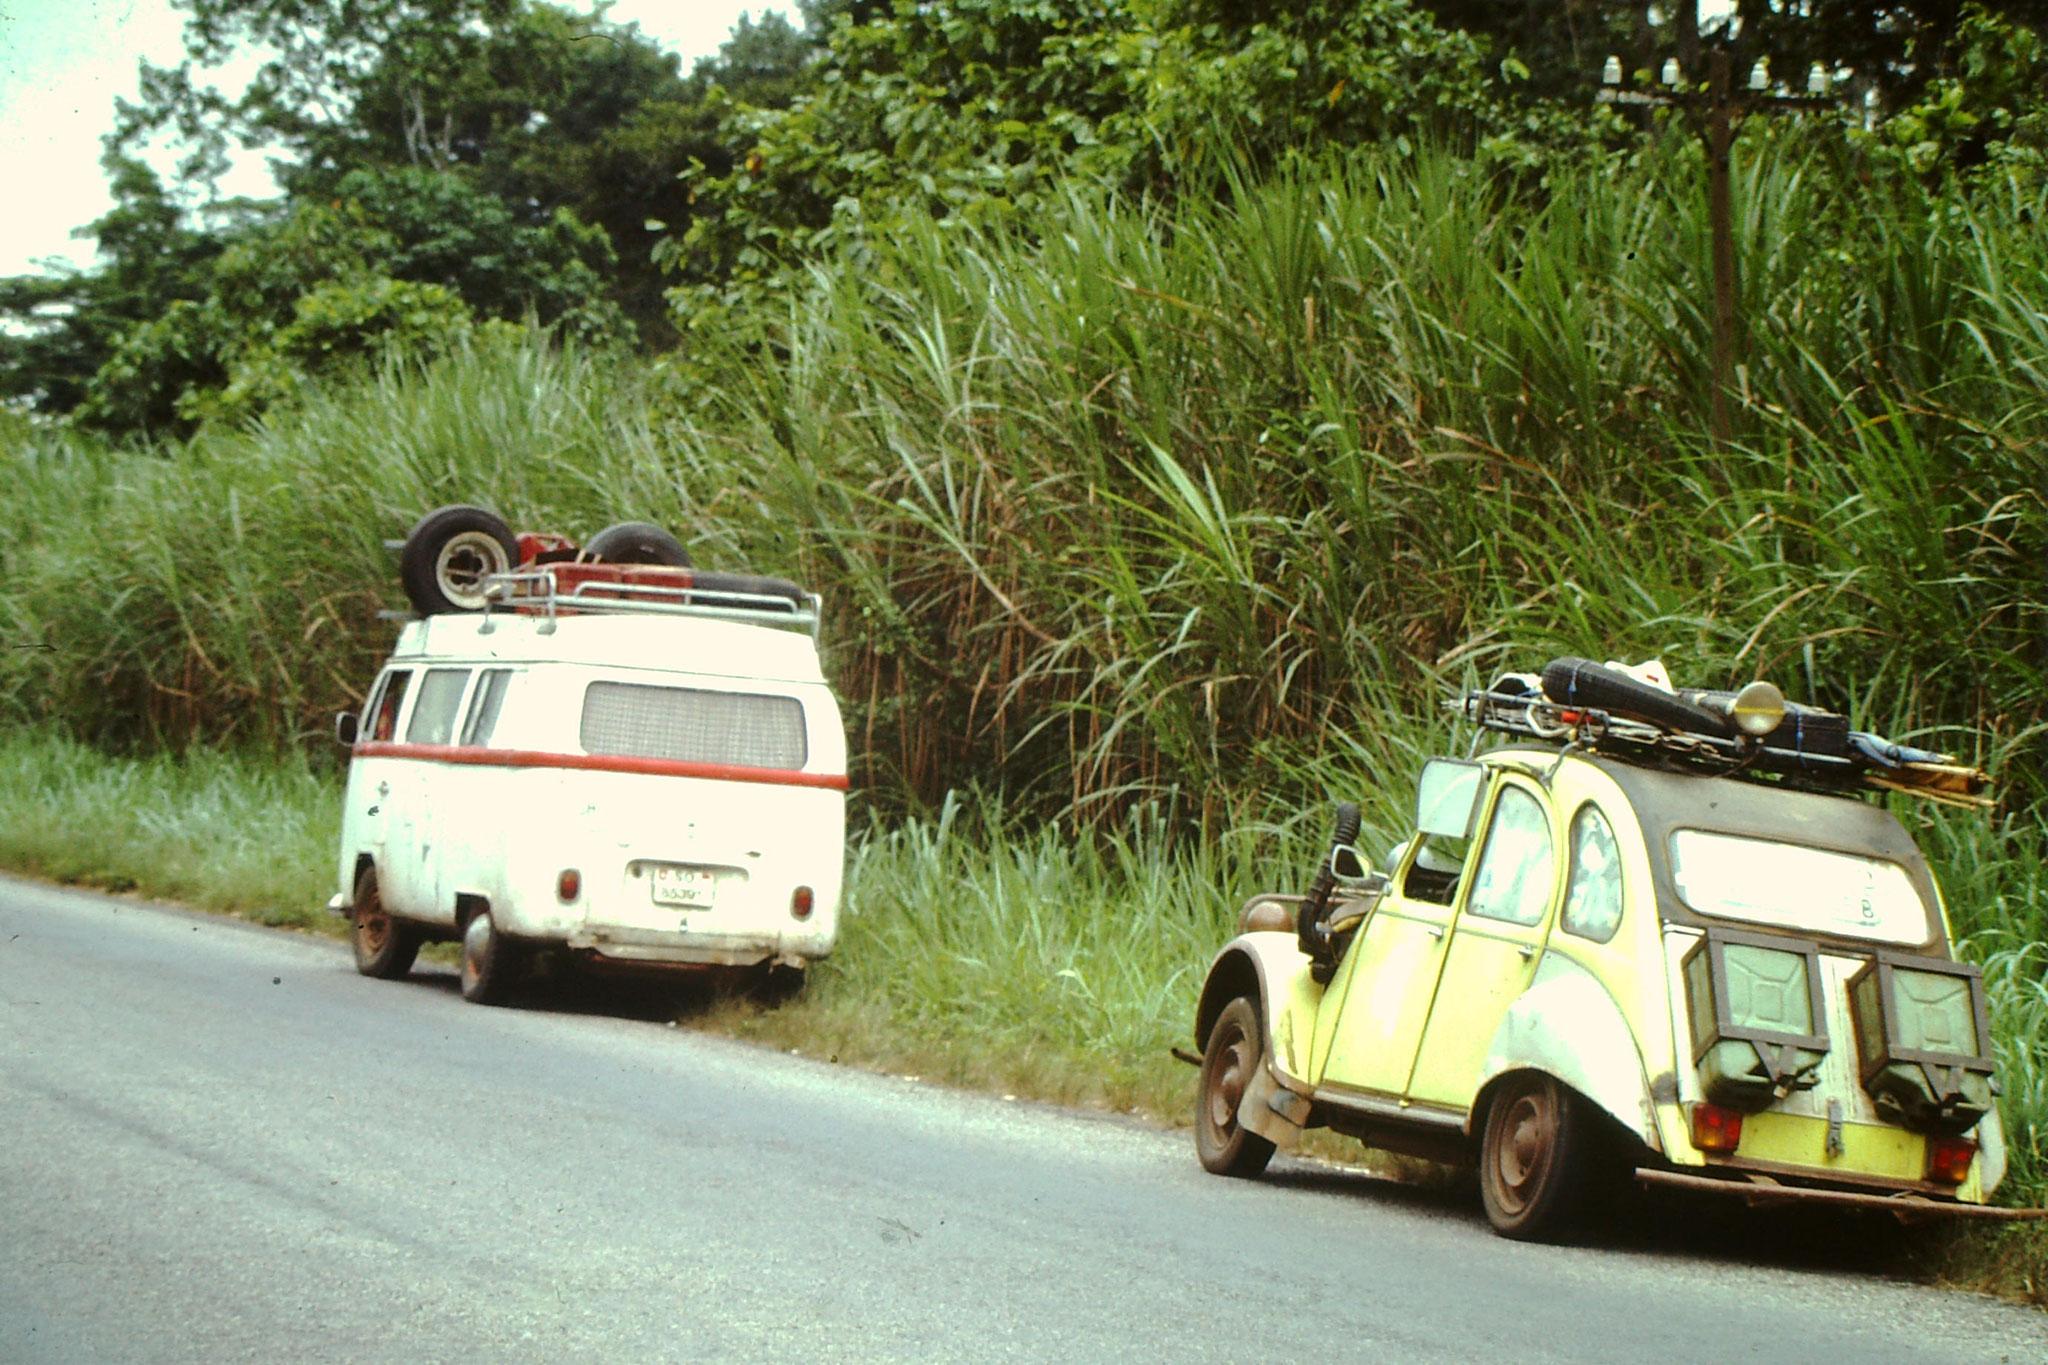 """1. Während rund 6 Wochen Reisten wir zusammen. Ab Togo bis Abidjan mit beiden Autos. In Abidjan wurde die """"Ente"""" zurück nach Deutschland verschifft. Dies beweist einmal mehr, dass auch Enten Zugvögel sind."""